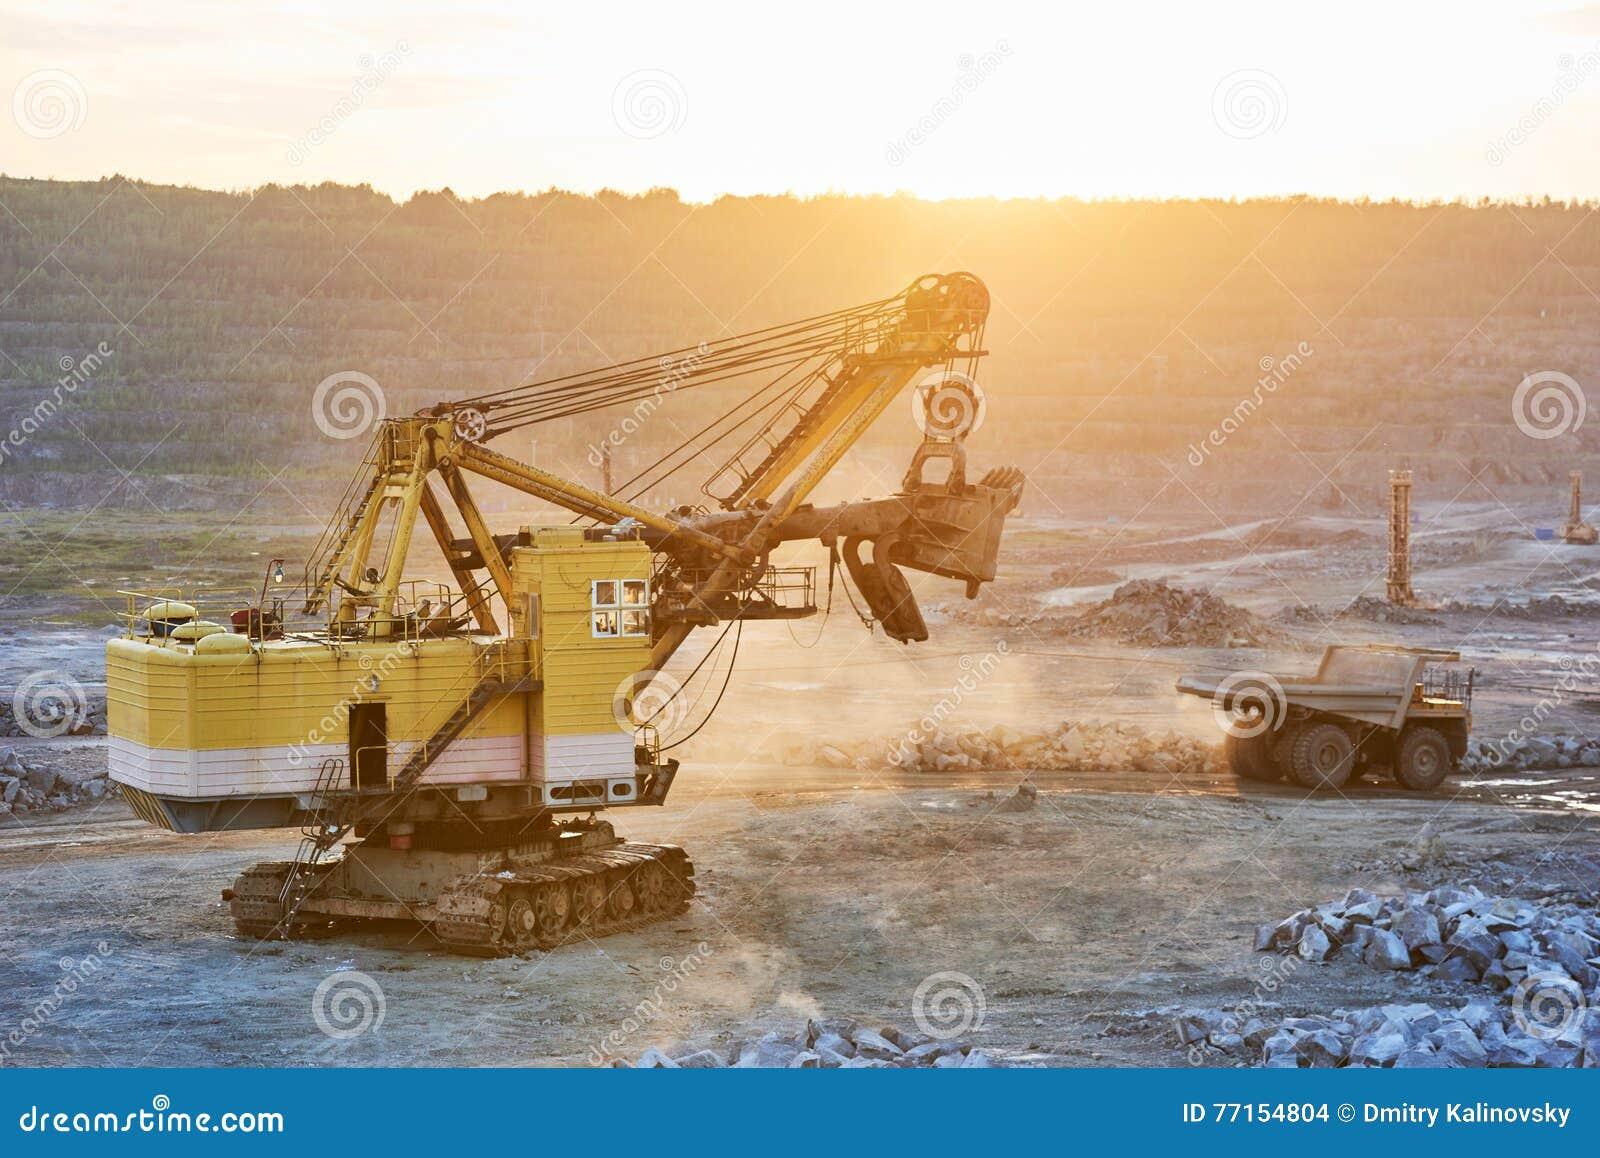 Exploitation excavatrice et camion à benne basculante en granit ou fer à ciel ouvert